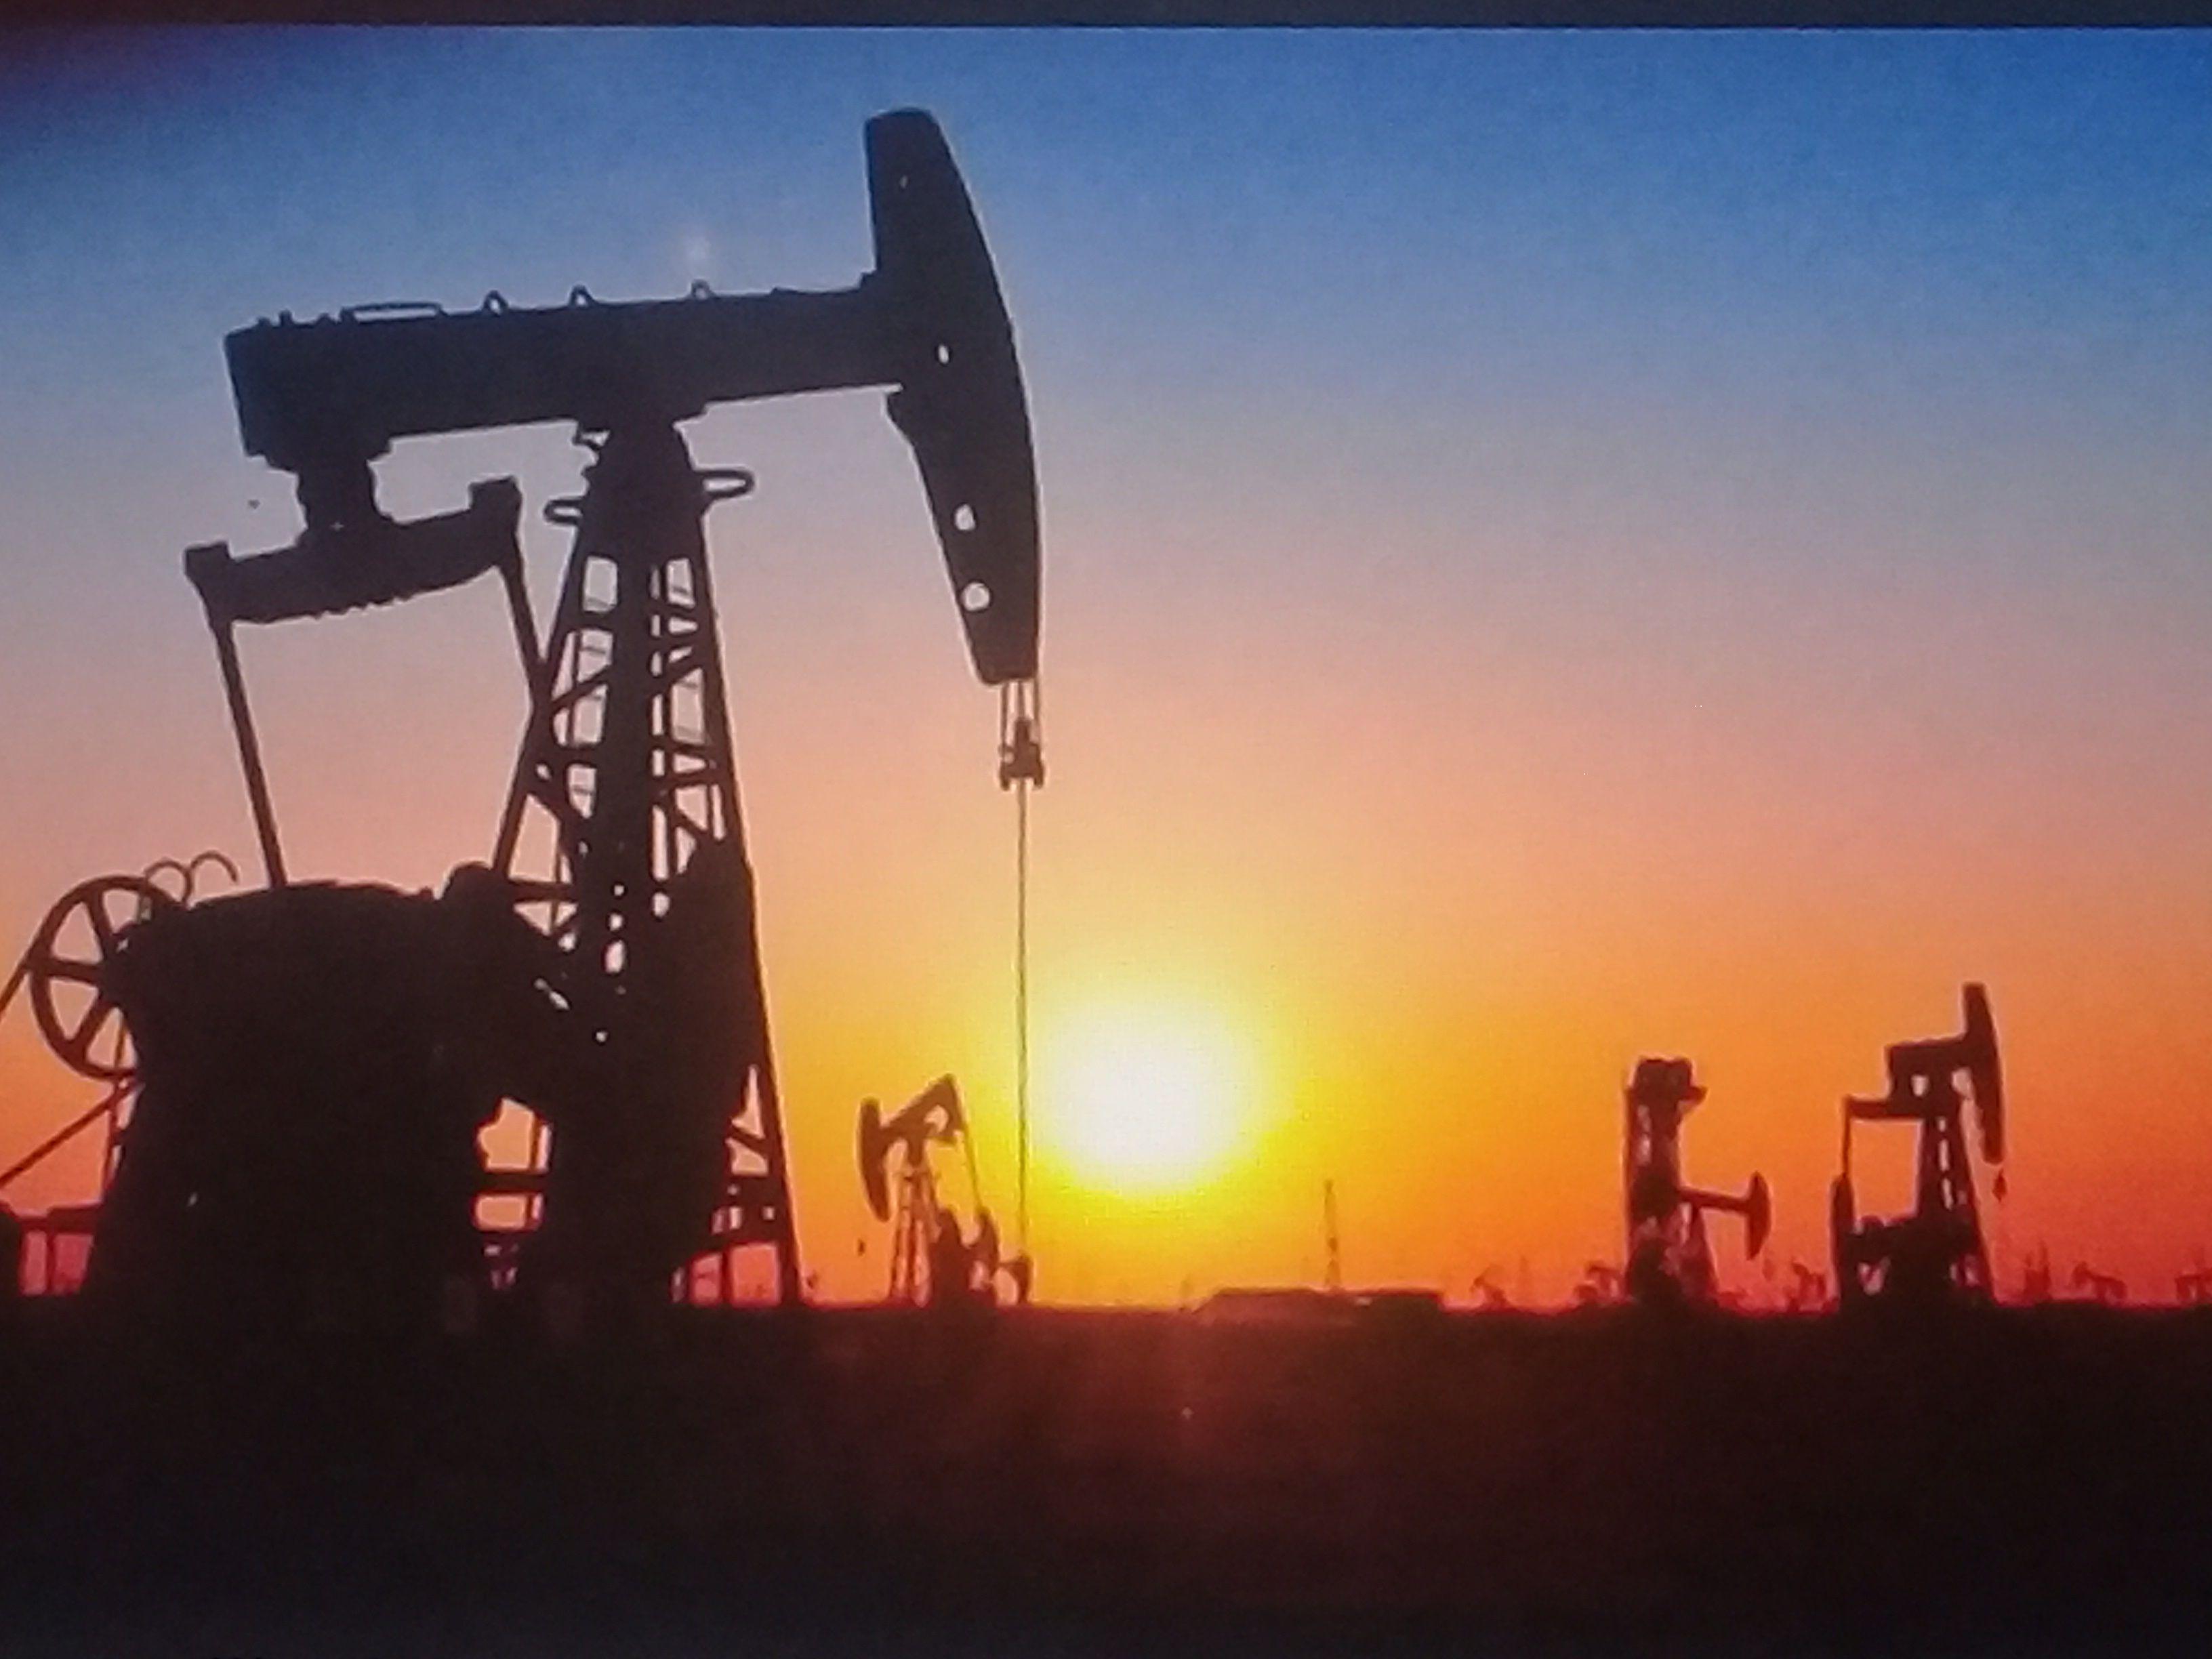 El coronavirus paralizó al mundo y contribuyó a bajar el precio del petróleo crudo